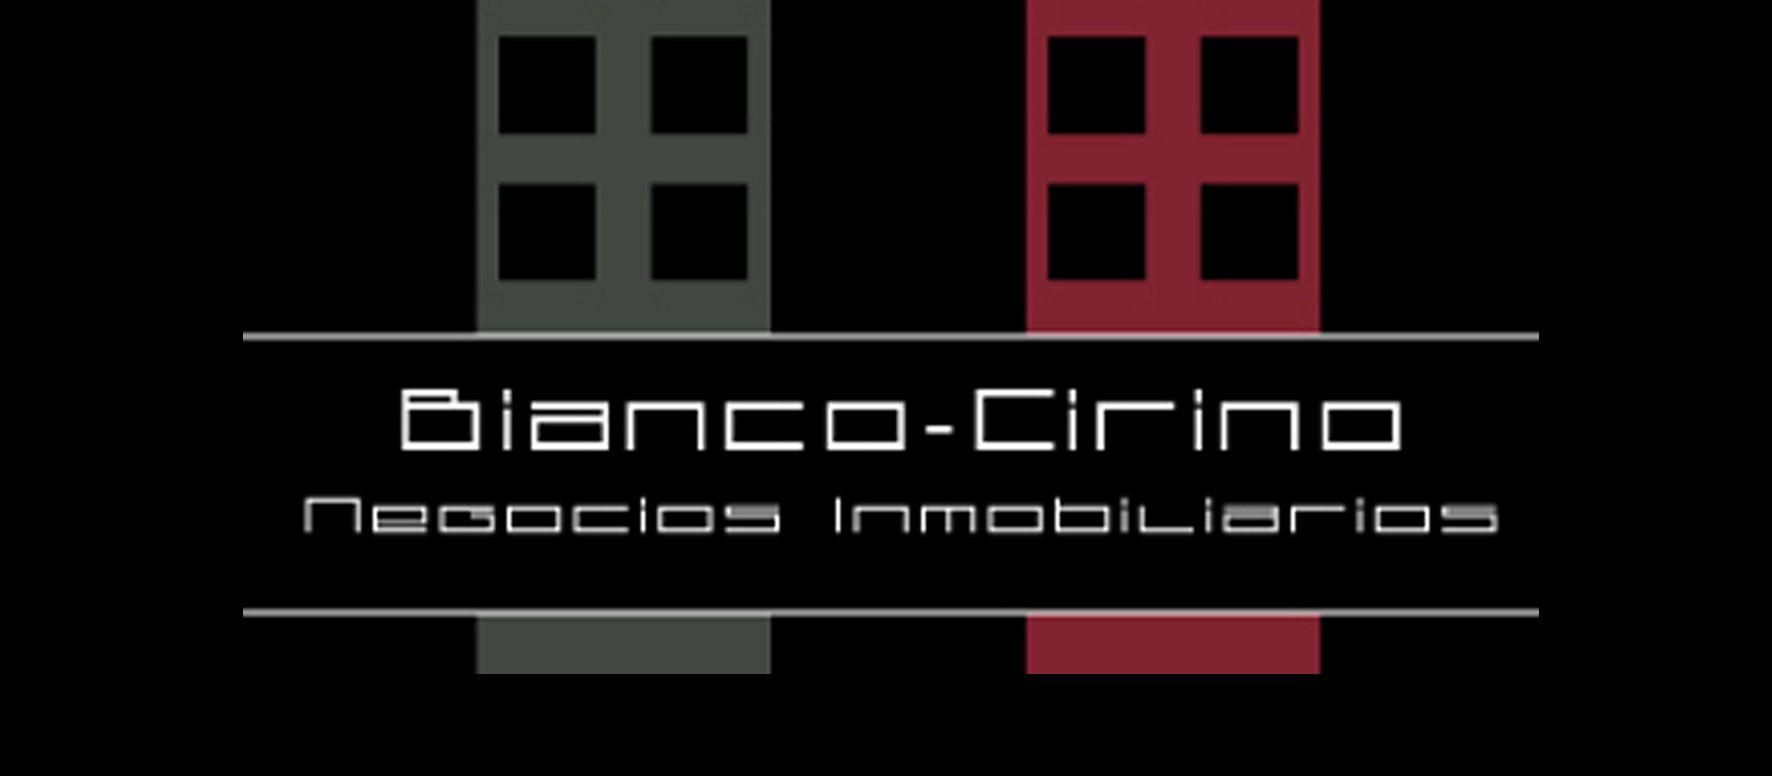 Logo de  Biancocirinopropiedades